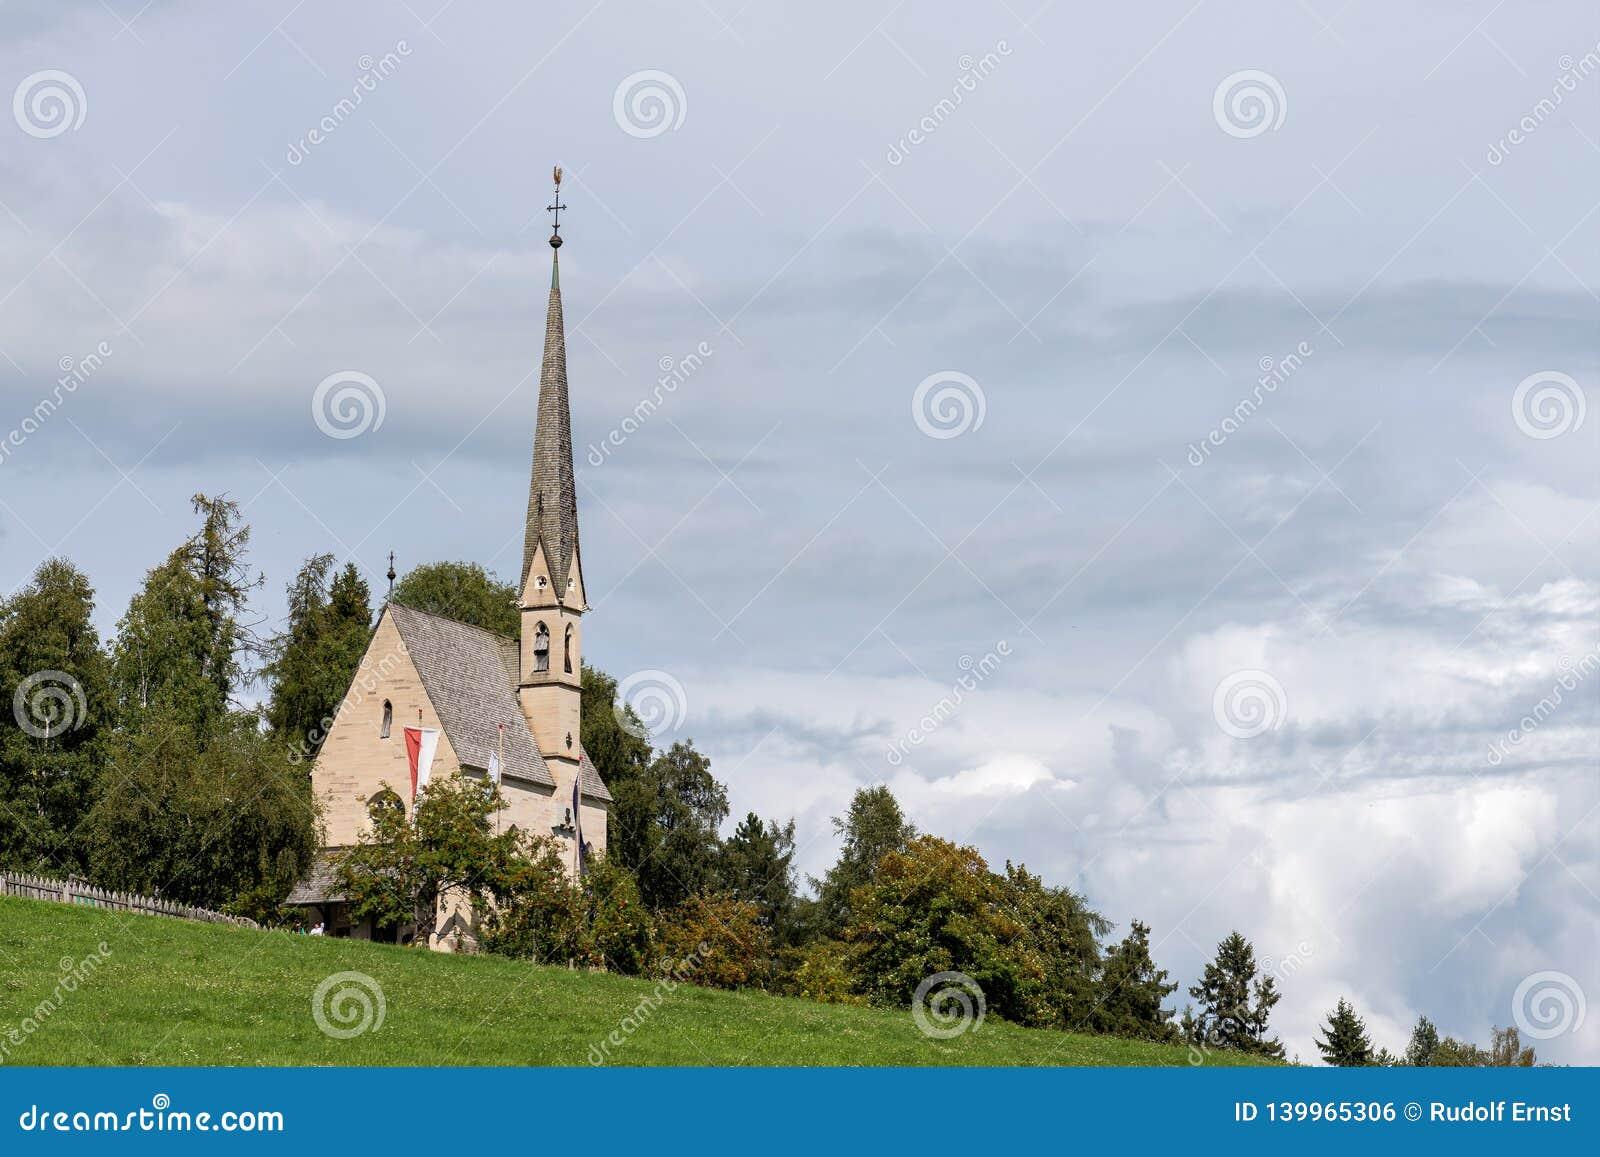 Paisagem com uma vila pequena em Tirol sul, região de Renon-Ritten, Itália